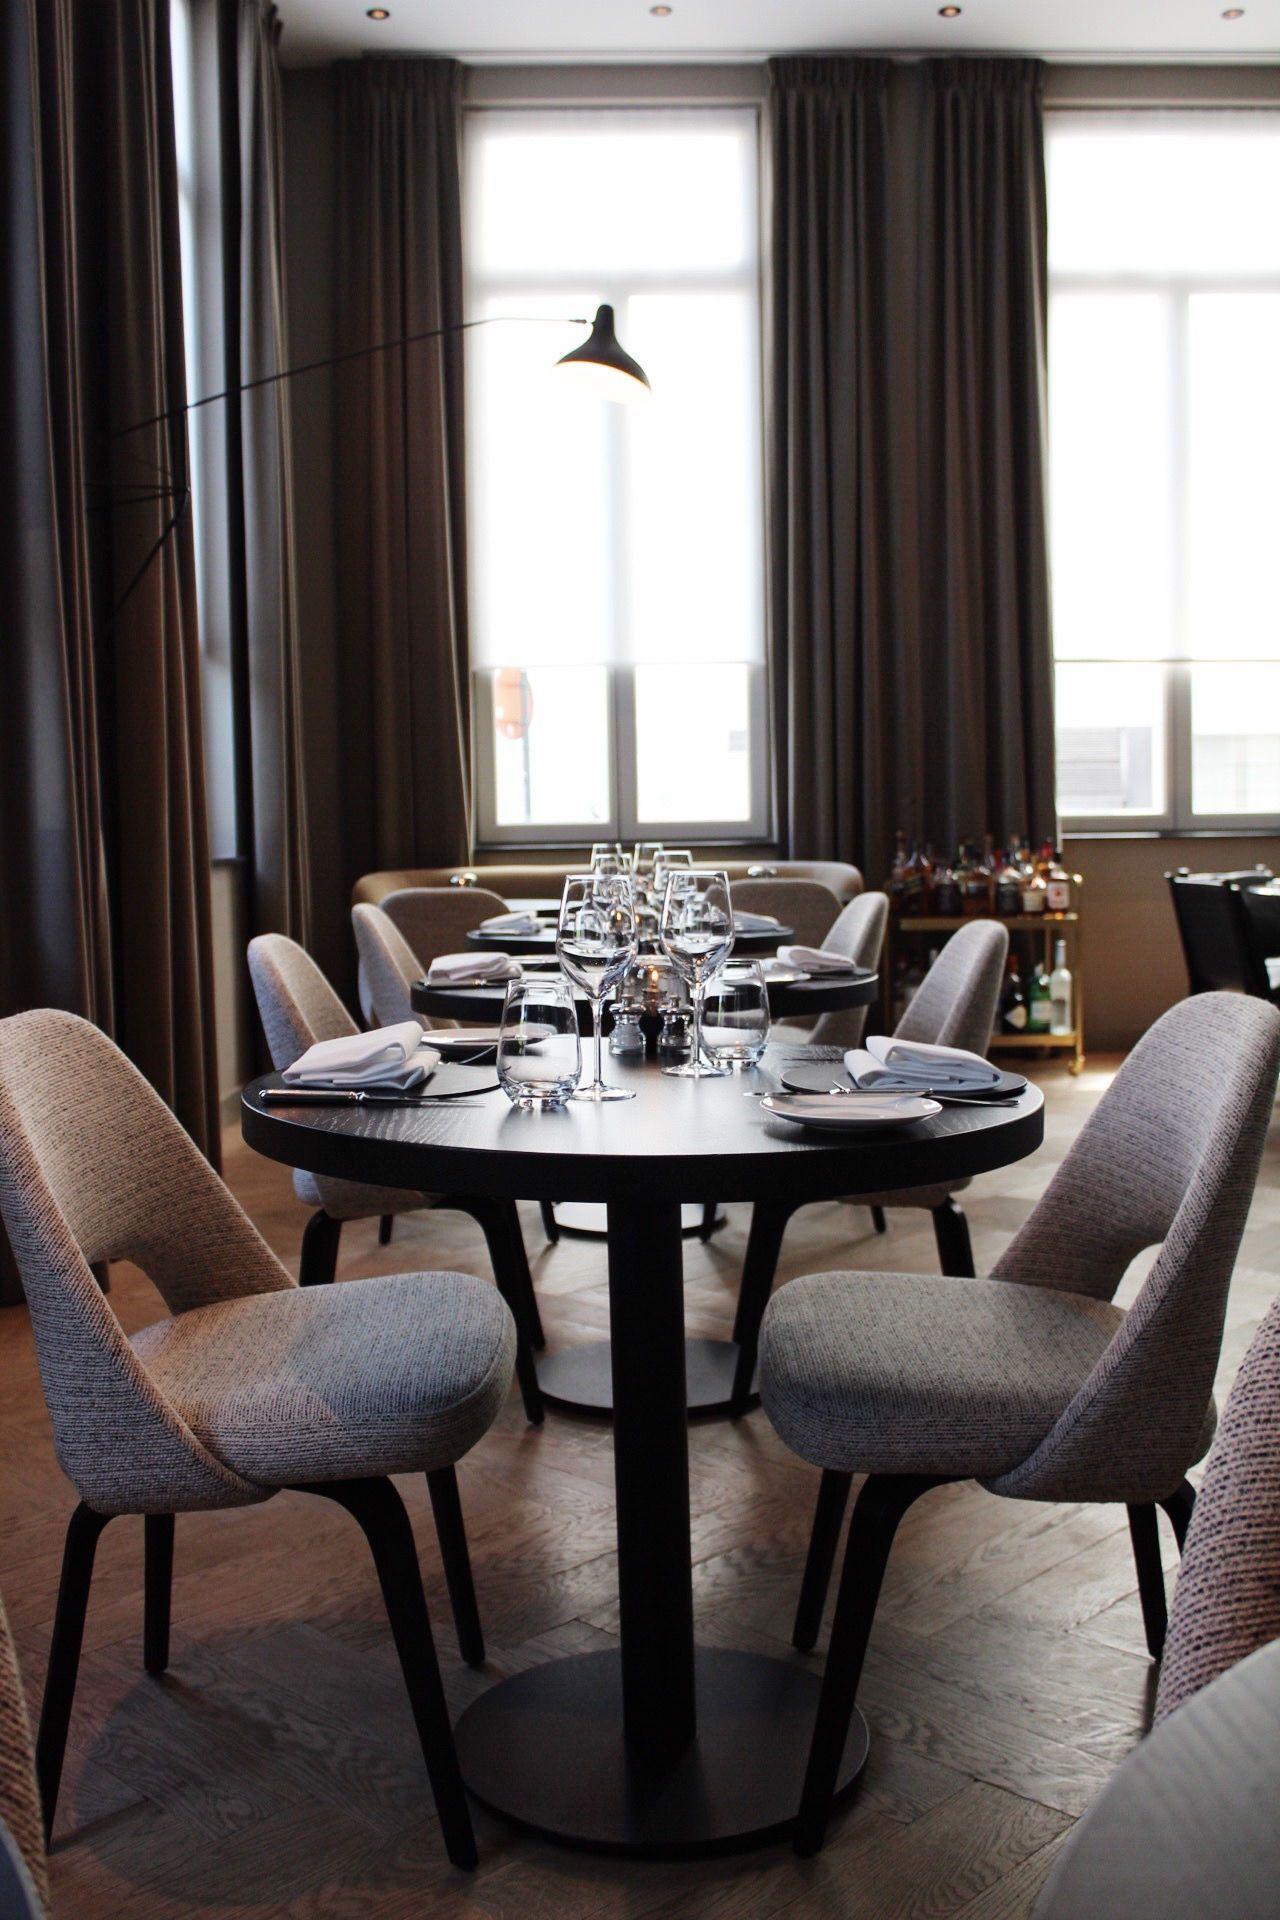 Finest Dining Room Ideas - June, 2018 | Fine dining room ...